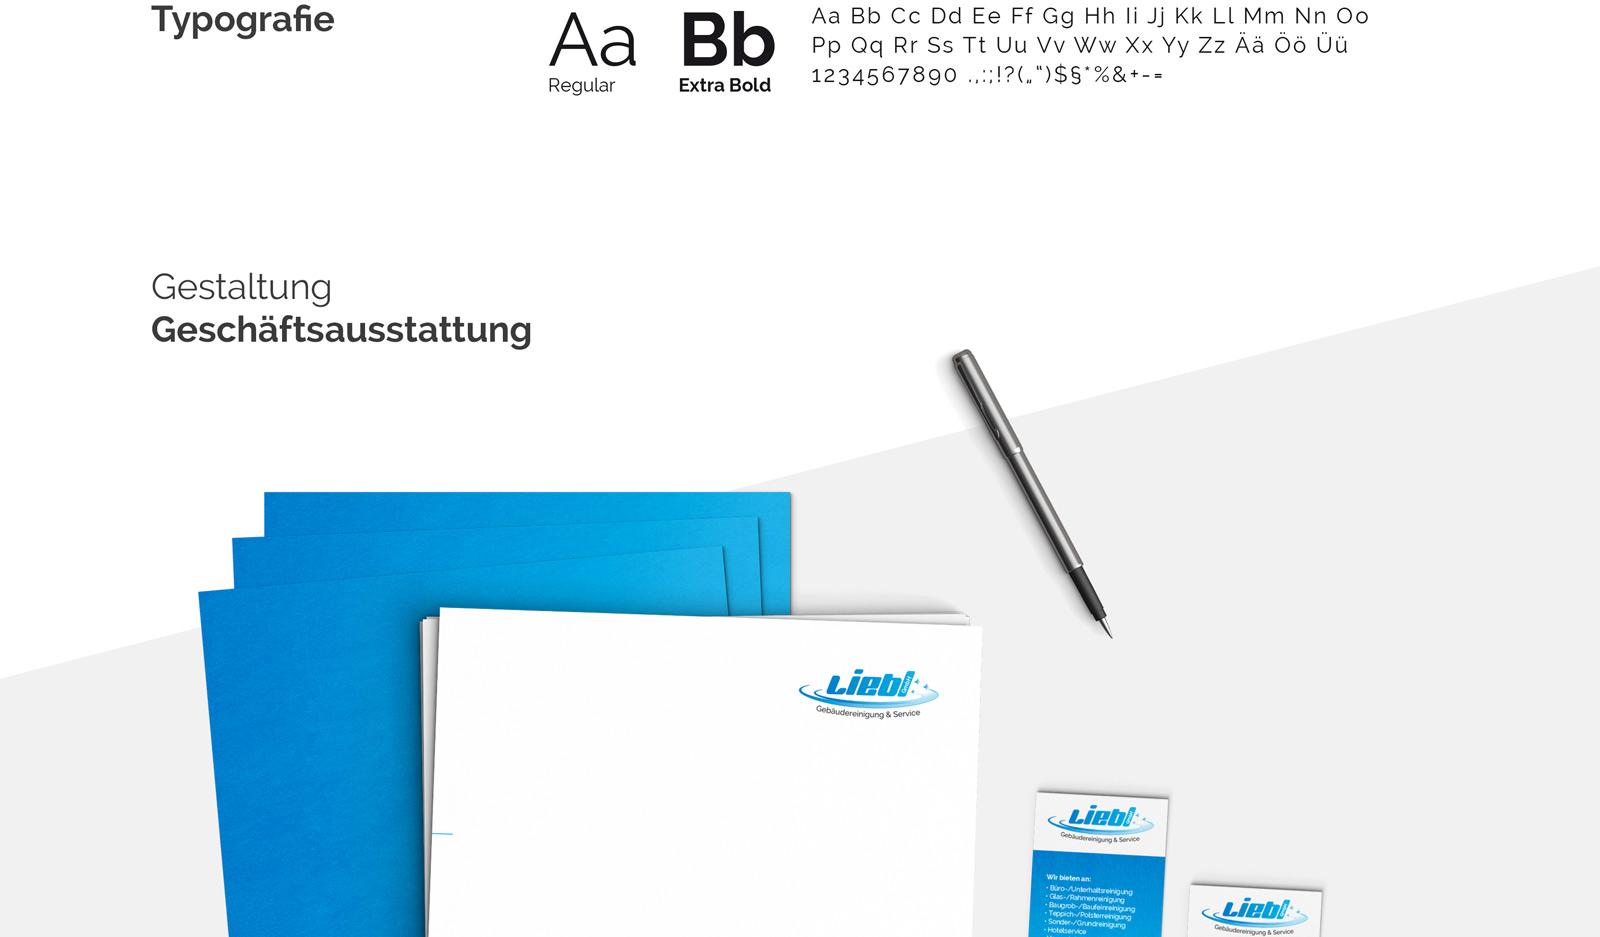 Liebl_Gestaltung_Geschäftsausstattung_3.jpg